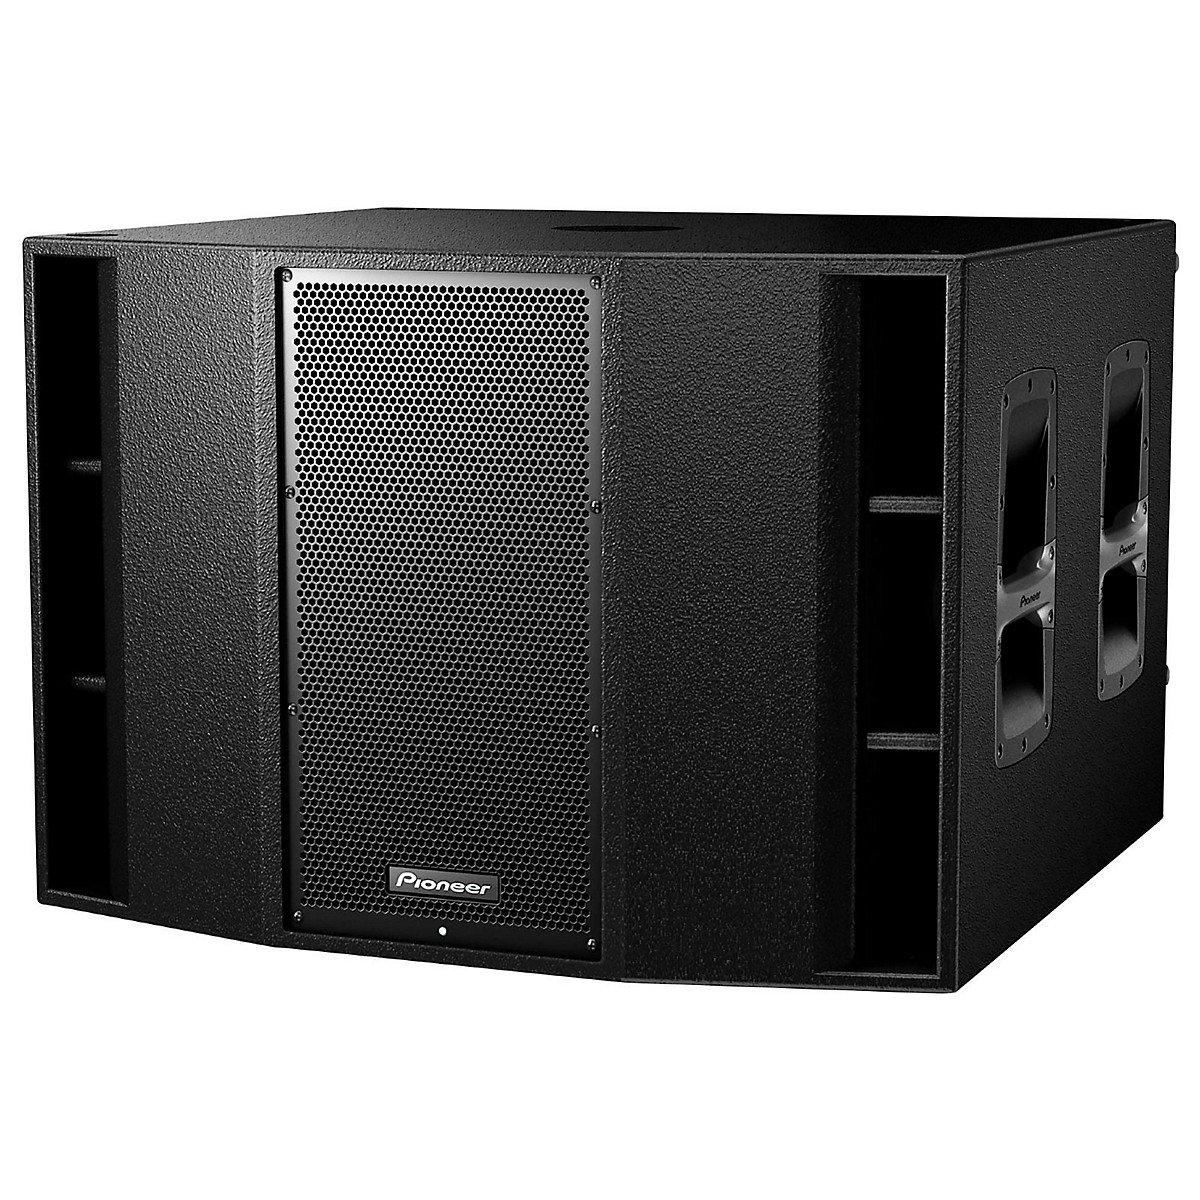 Pioneer Pro DJ Studio Subwoofer (XPRS215S)